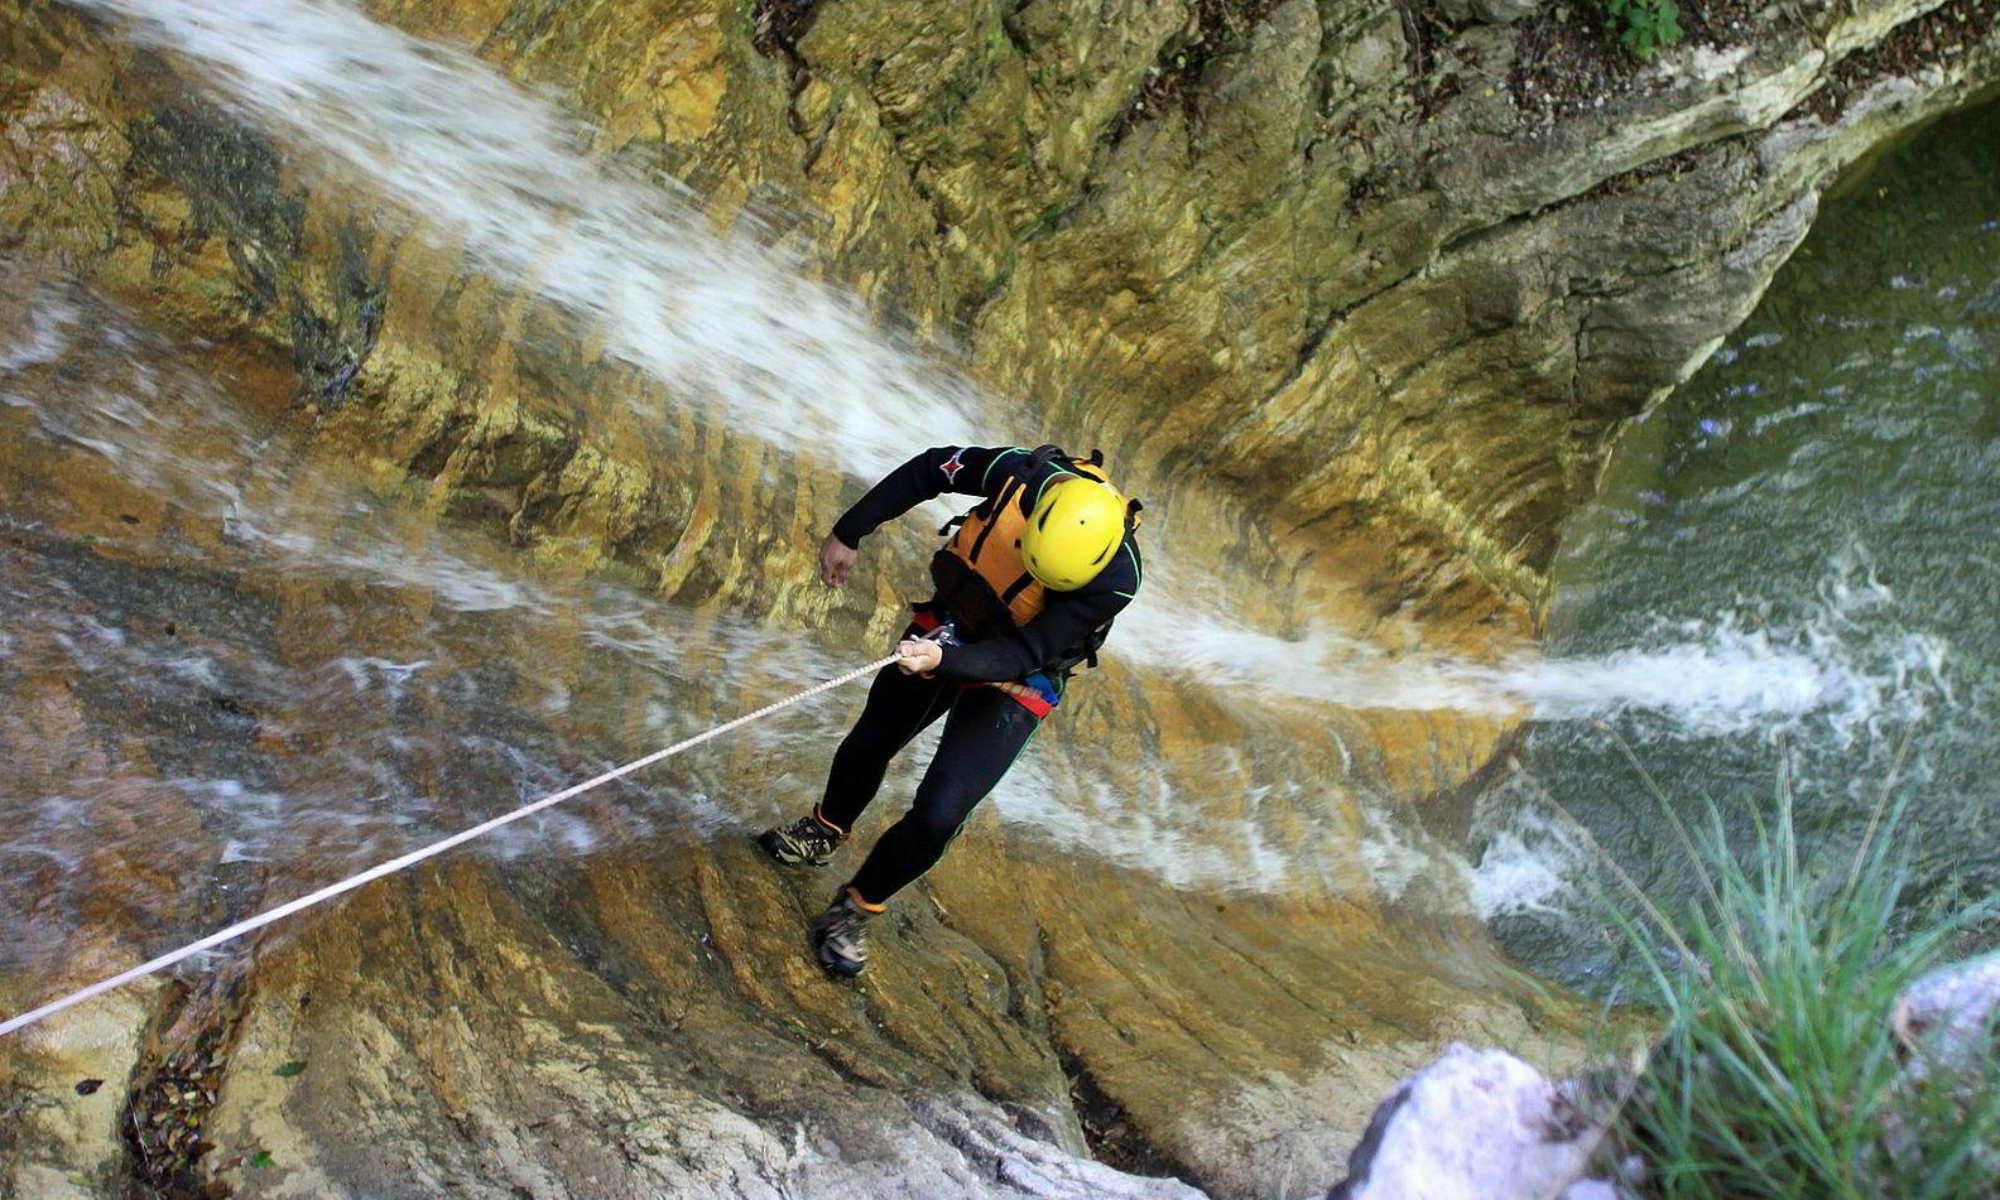 Ein Canyoning Teilnehmer seilt sich einen Wasserfall in der Nähe des Sylvensteinsees ab.